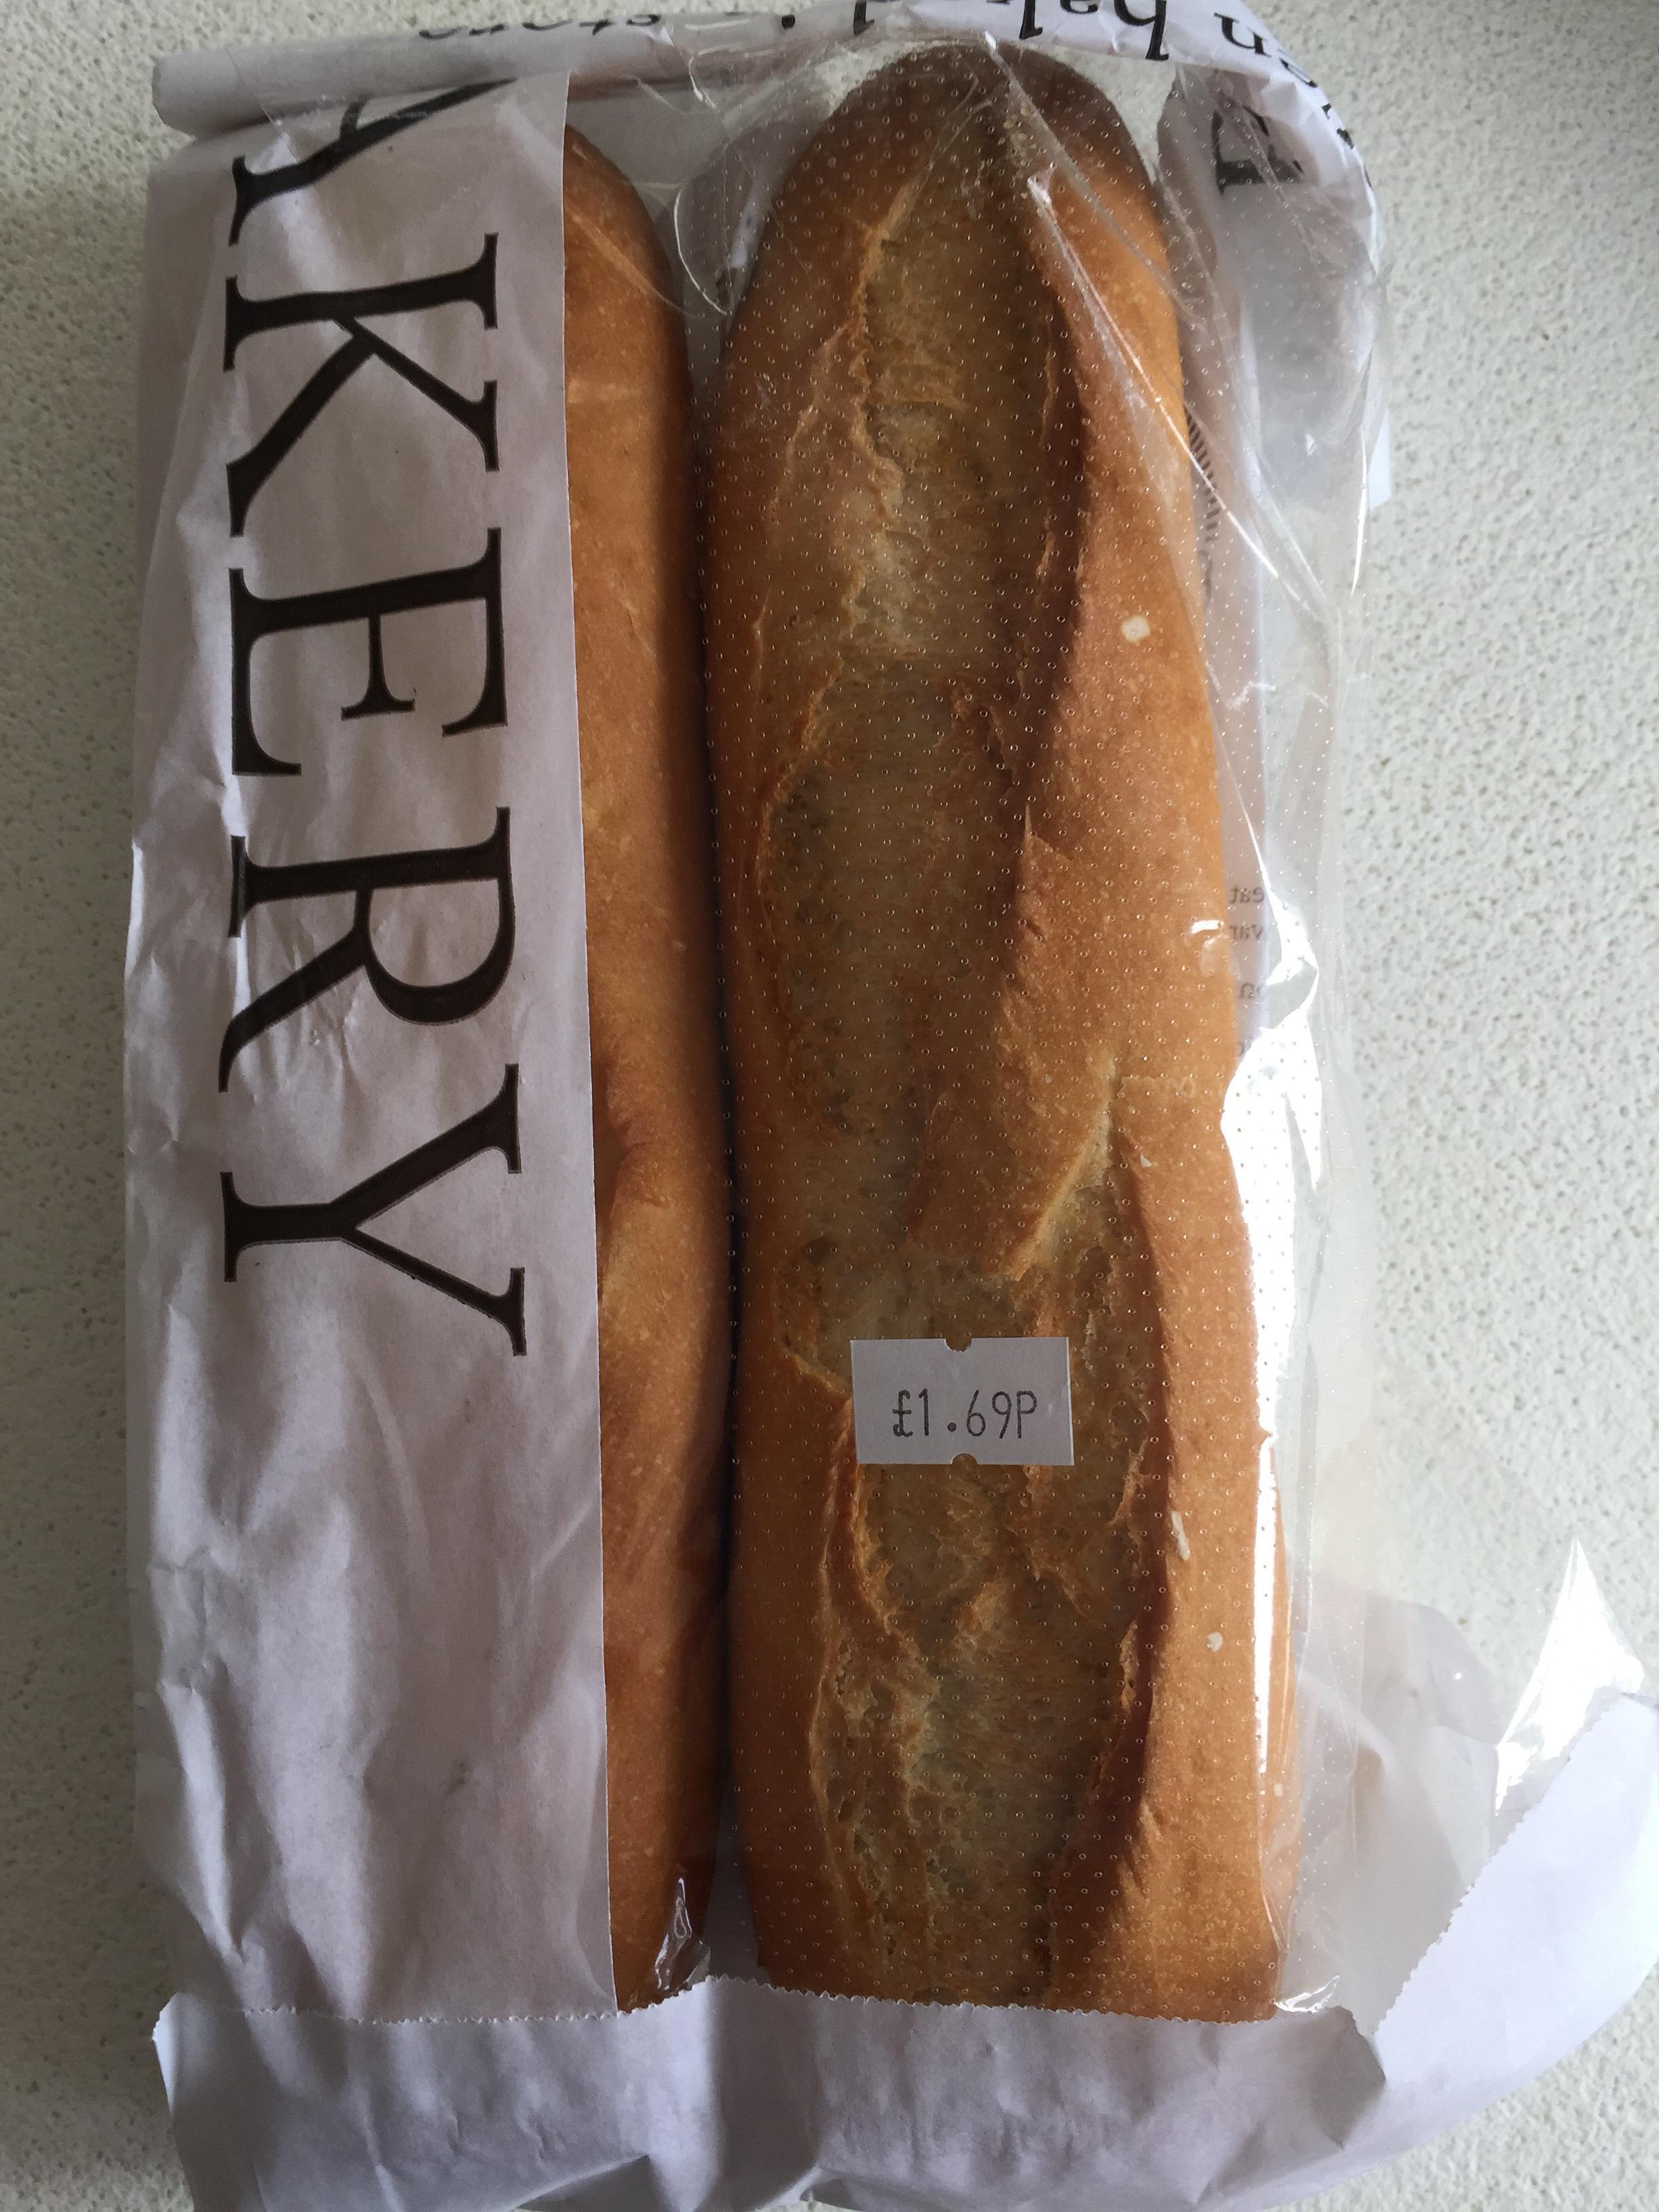 2 baguettes